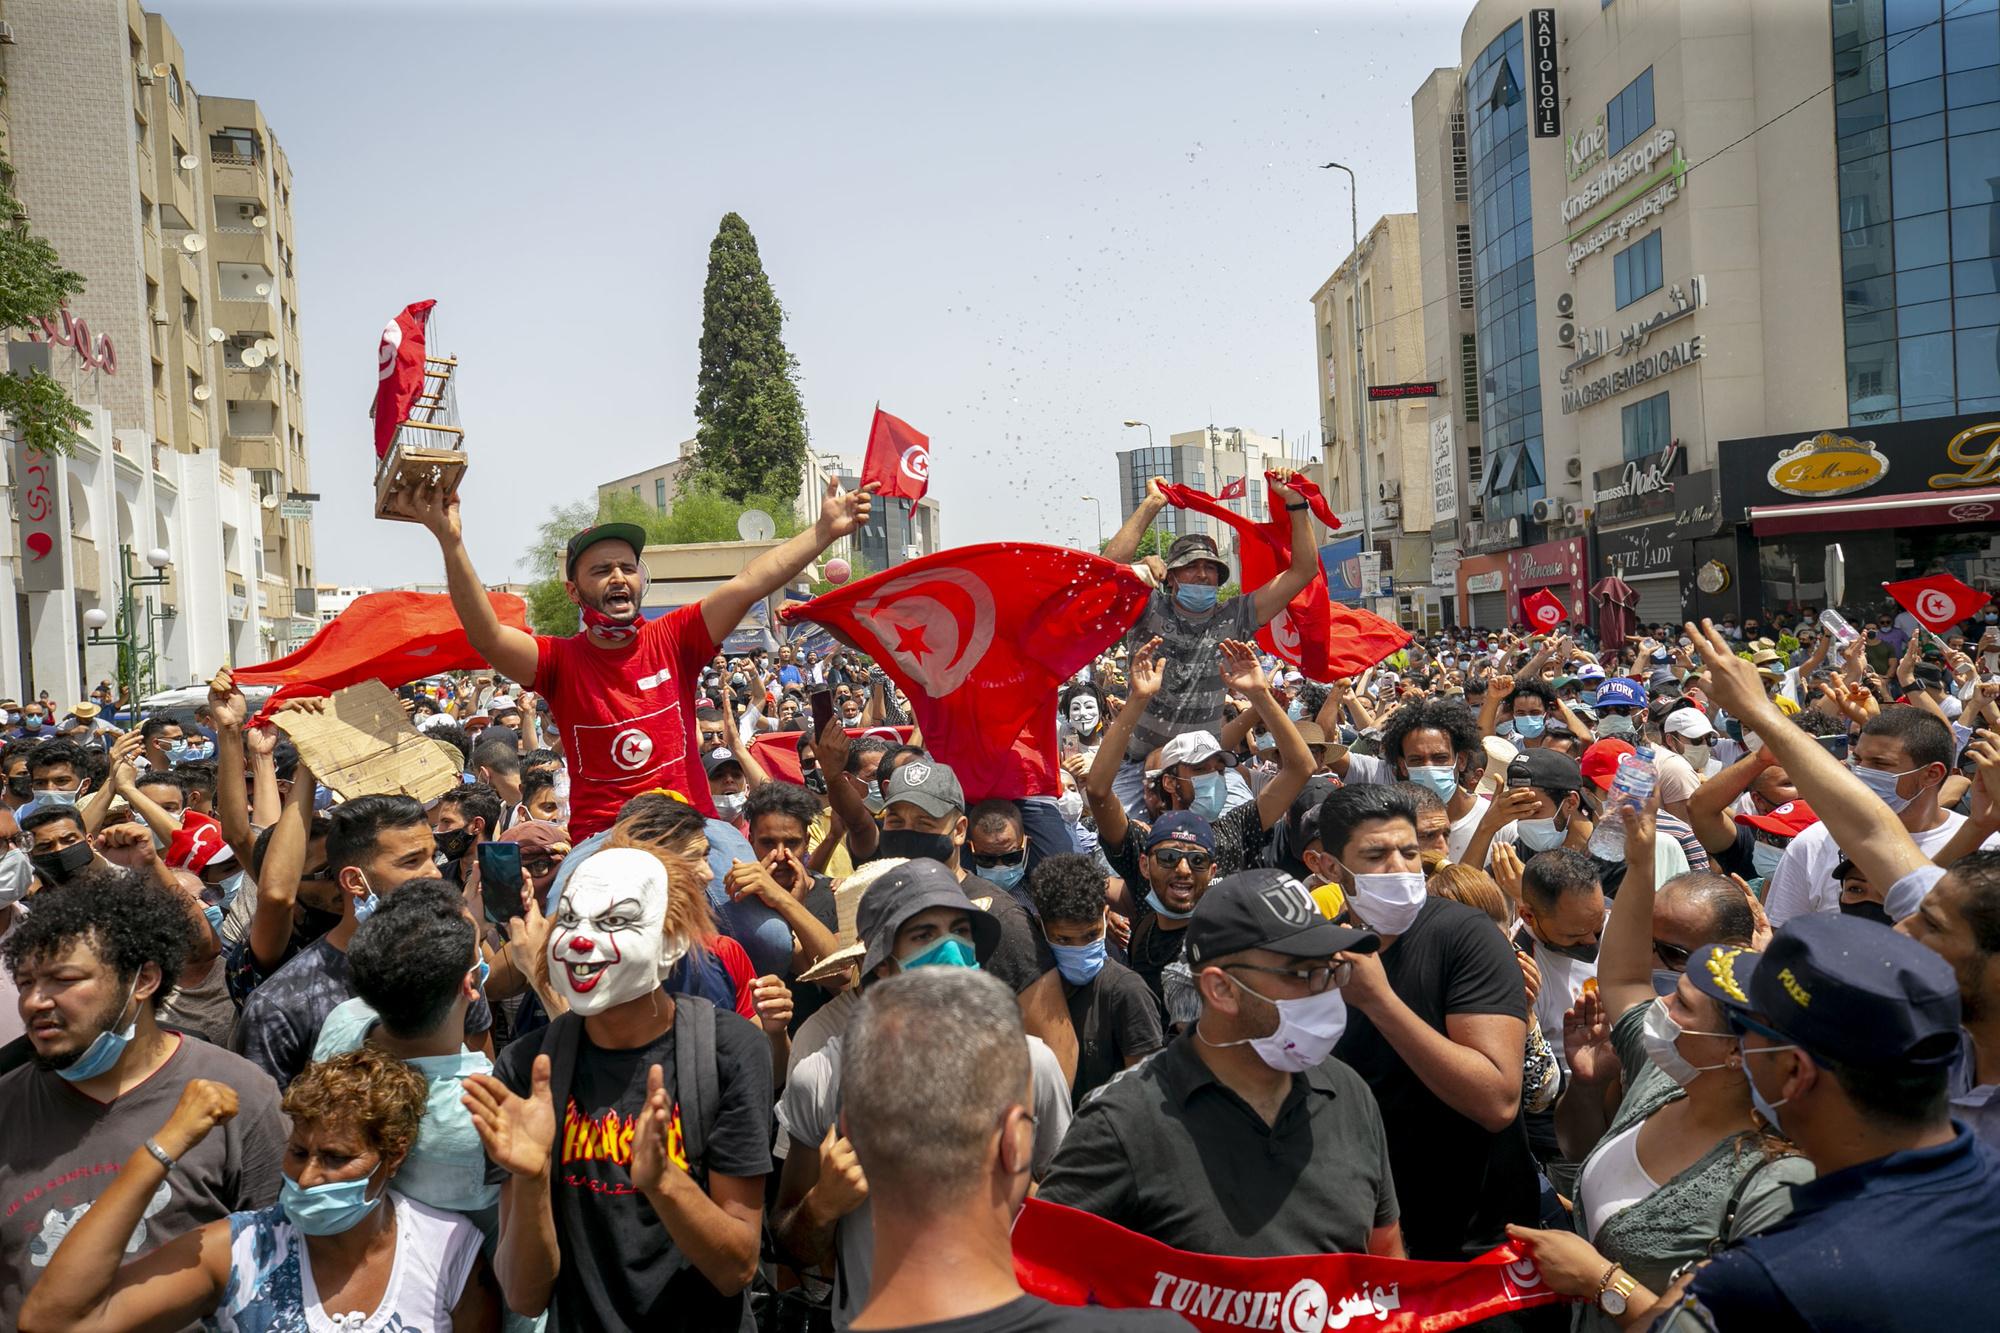 Protesten in Tunis op 25 juli 2021, Getty Images